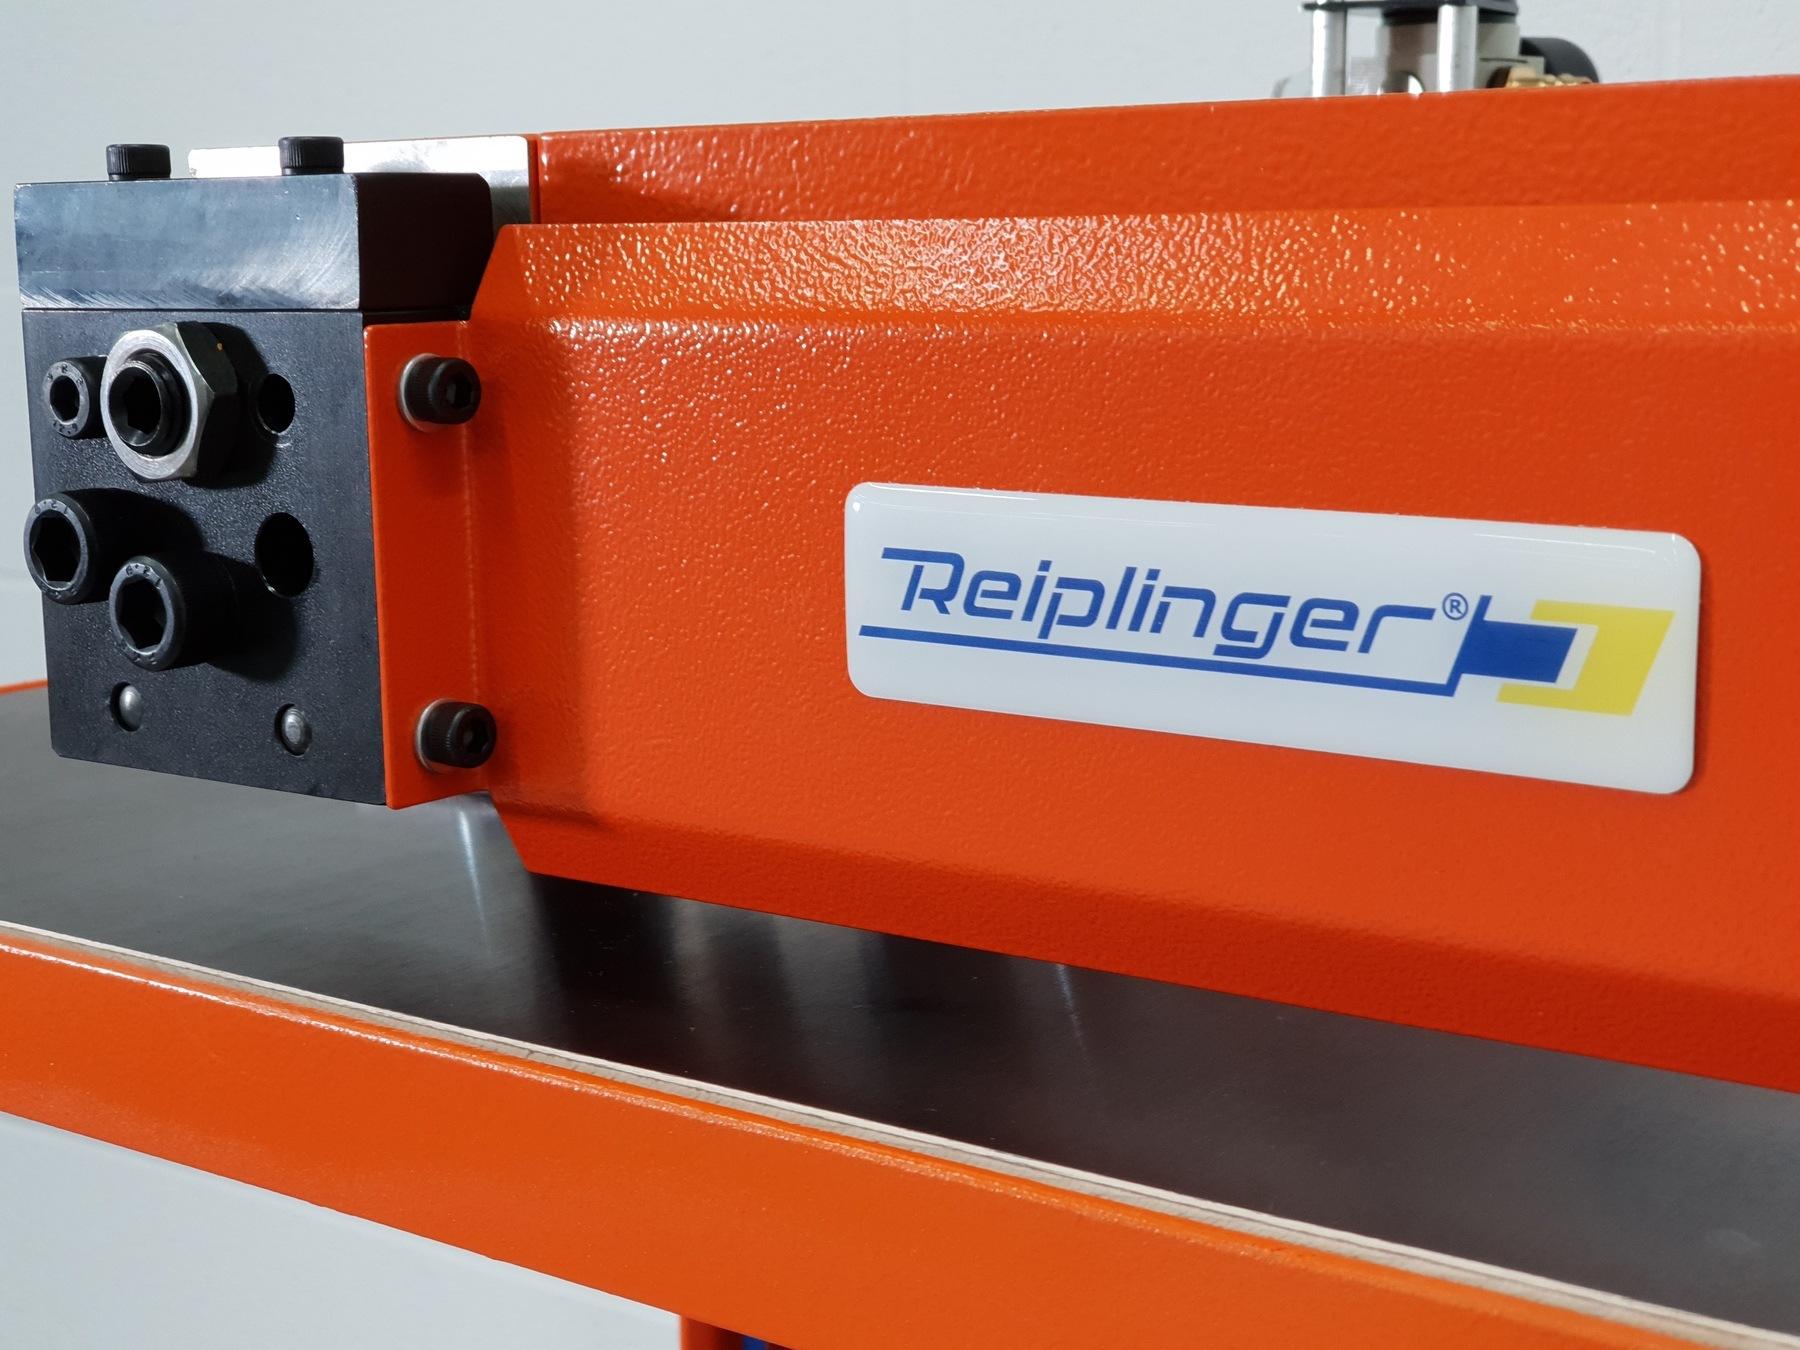 Reiplinger | Avantek Machinery